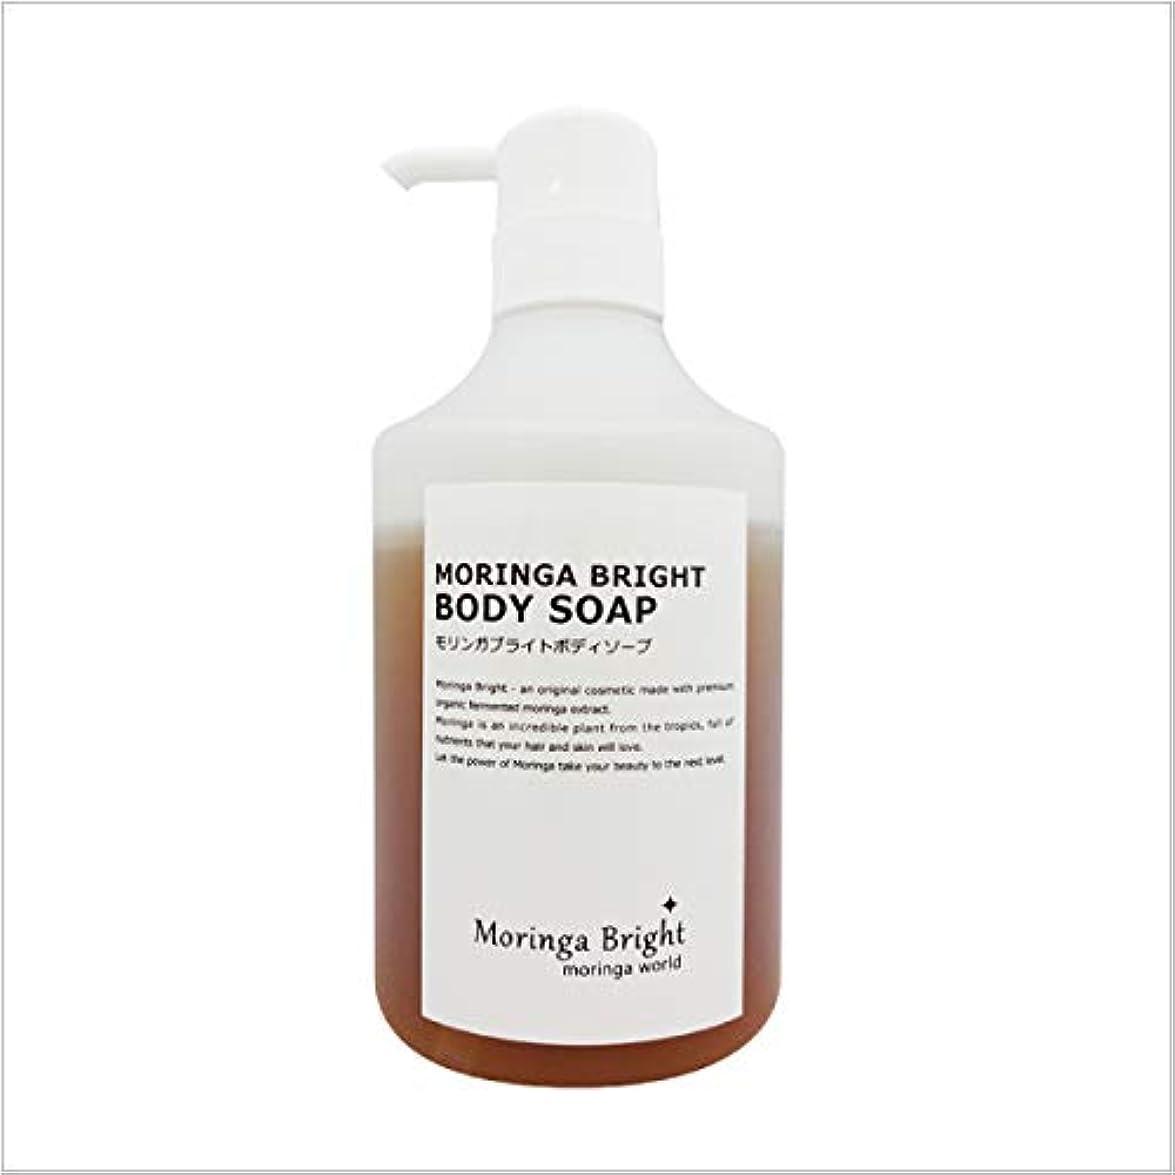 バクテリア気難しい回路モリンガブライトボディソープ450ml 最上級の無添加ボディ&洗顔ソープ 国内初の保湿美容成分『発酵モリンガエキス』配合